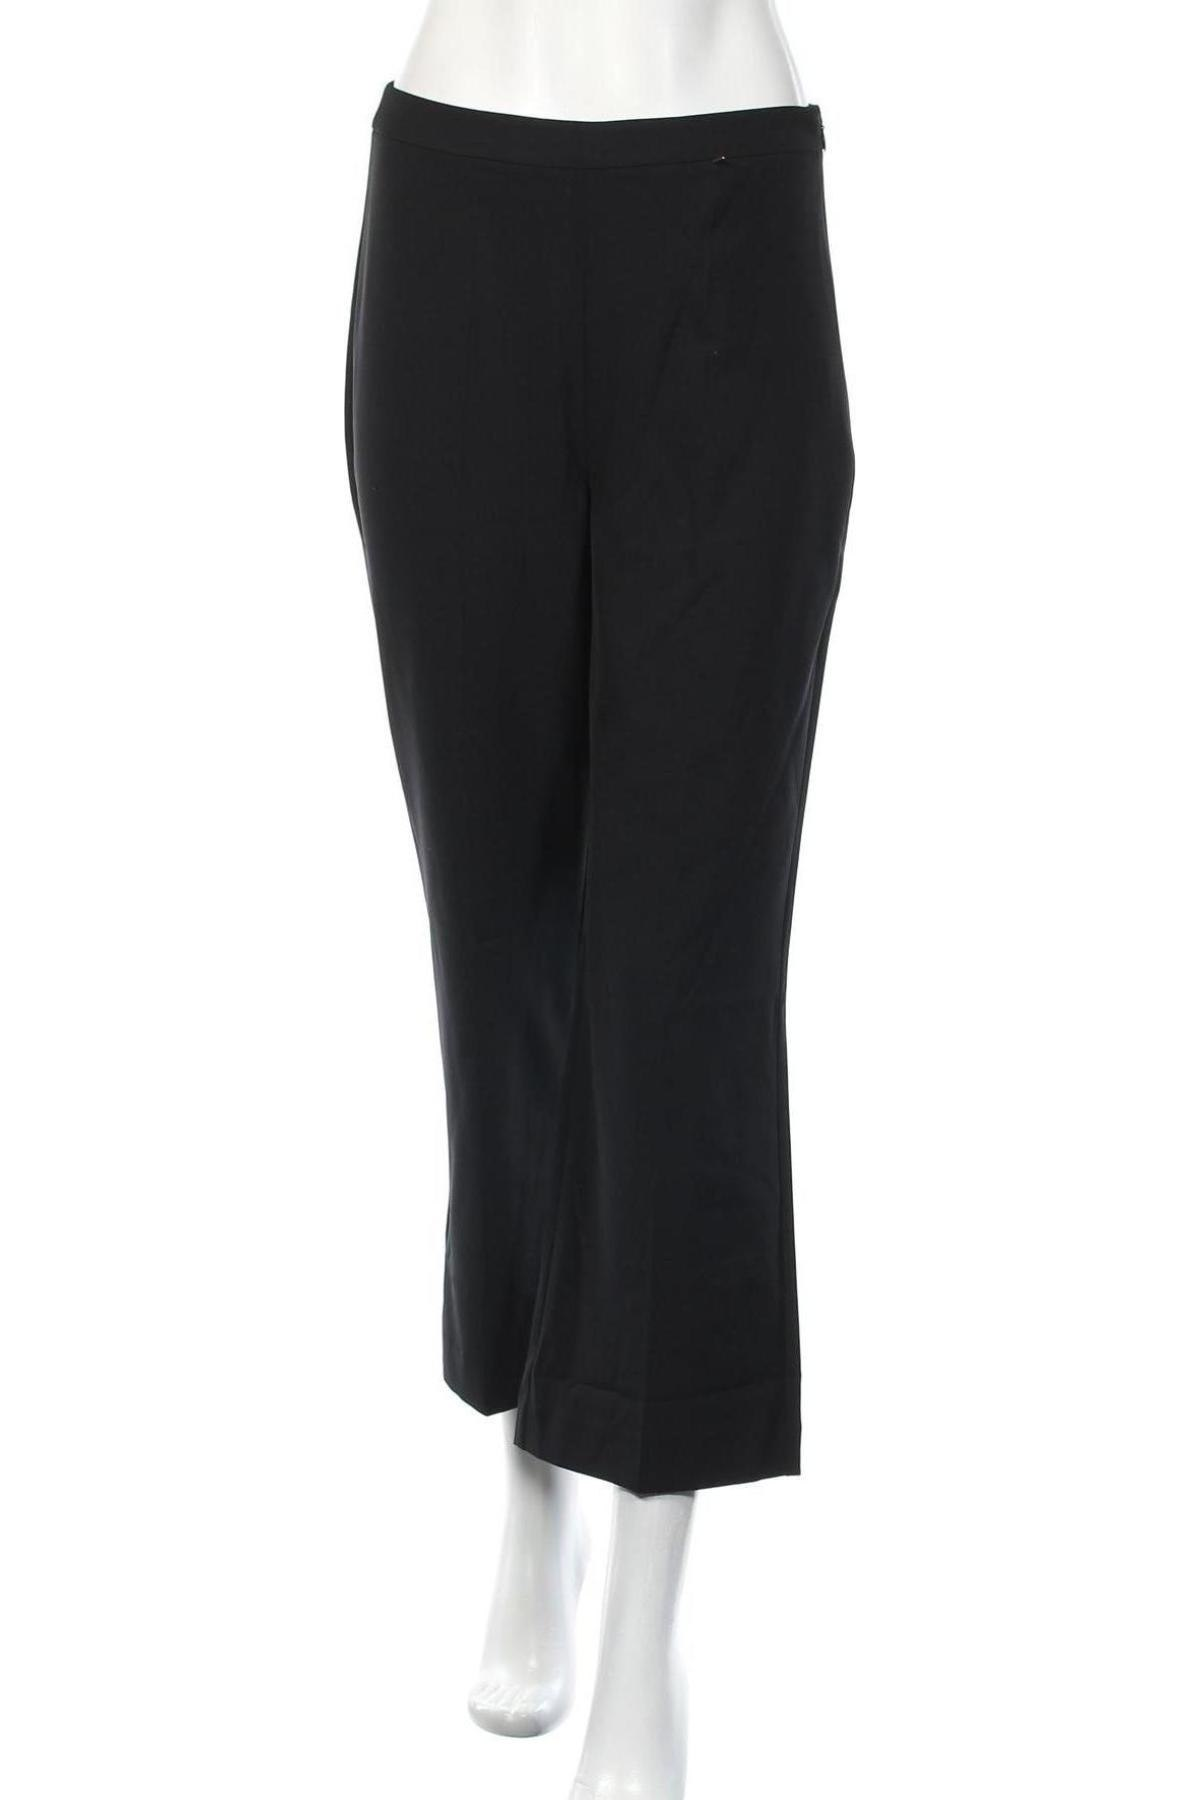 Дамски панталон Guess, Размер S, Цвят Черен, 90% полиестер, 10% еластан, Цена 25,35лв.